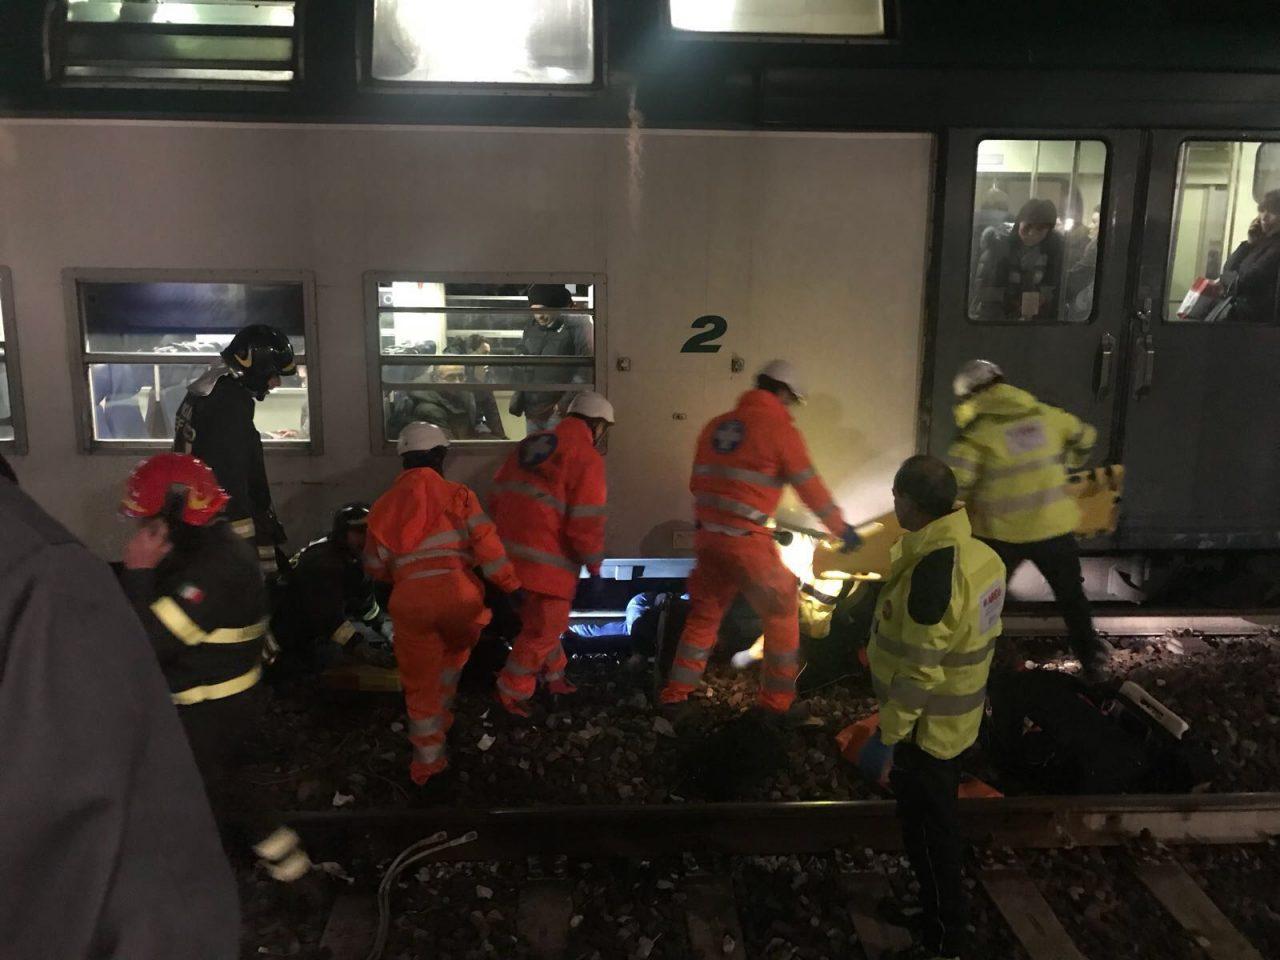 Travolto dal treno in stazione a Monza è ancora vivo RITARDI